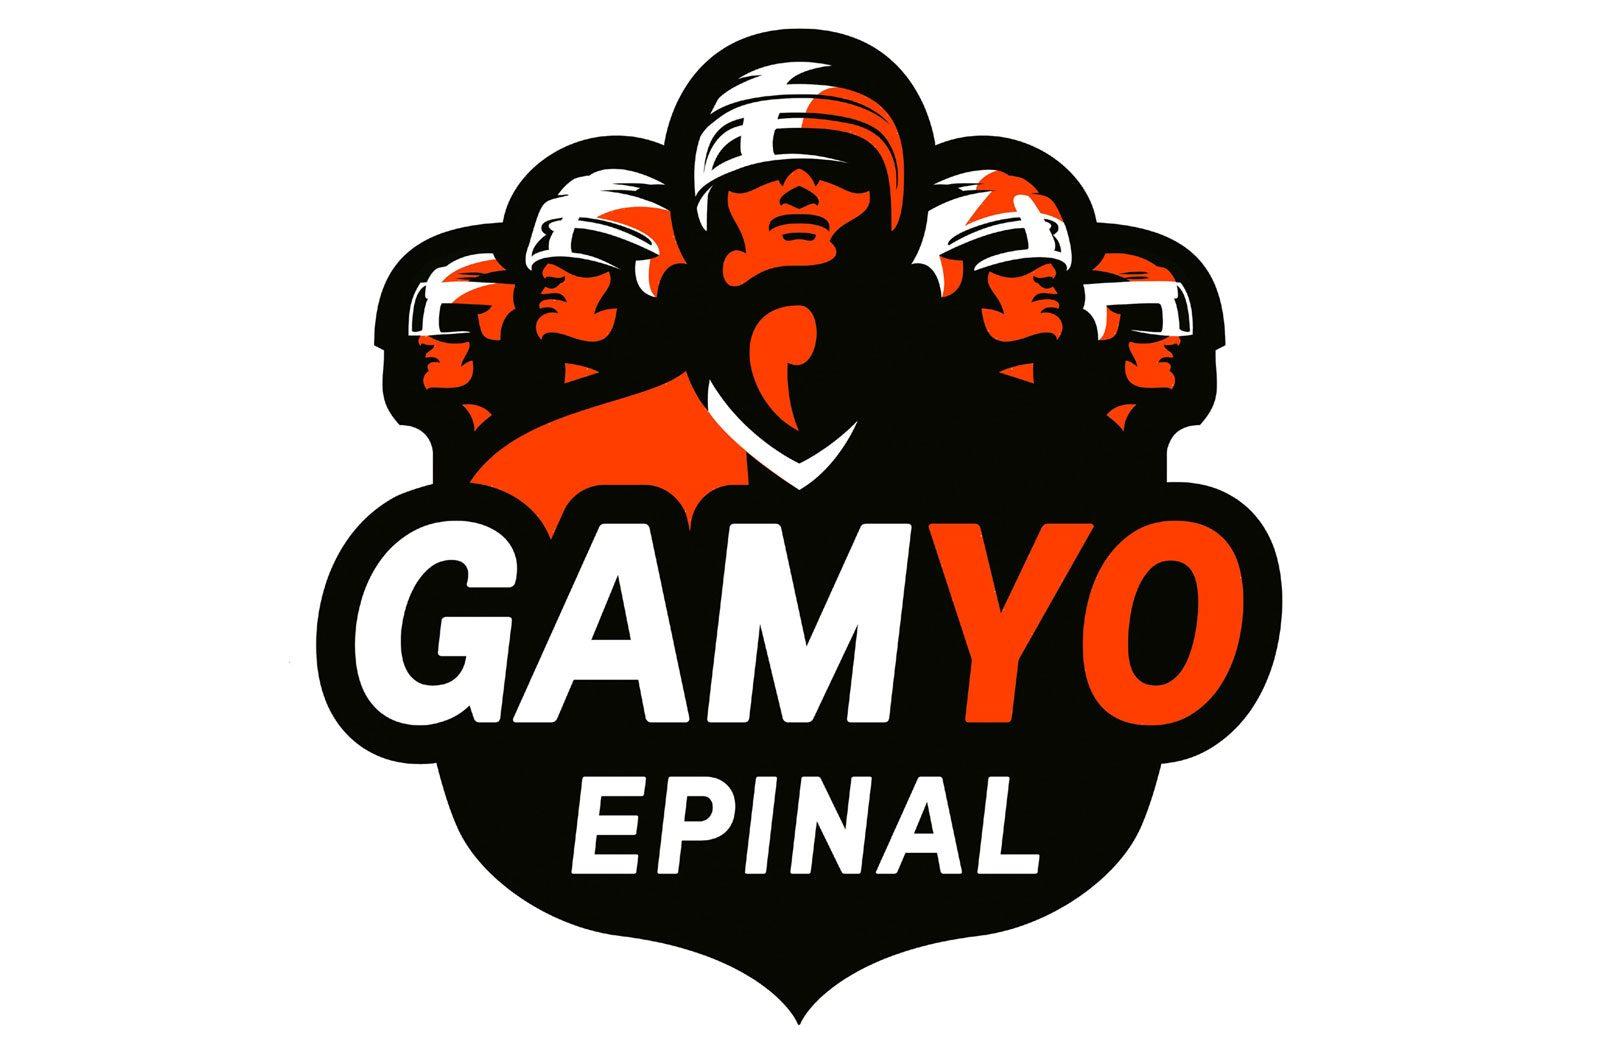 Hockey sur glace : exploit du Gamyo, Epinal accède à la finale des playoffs